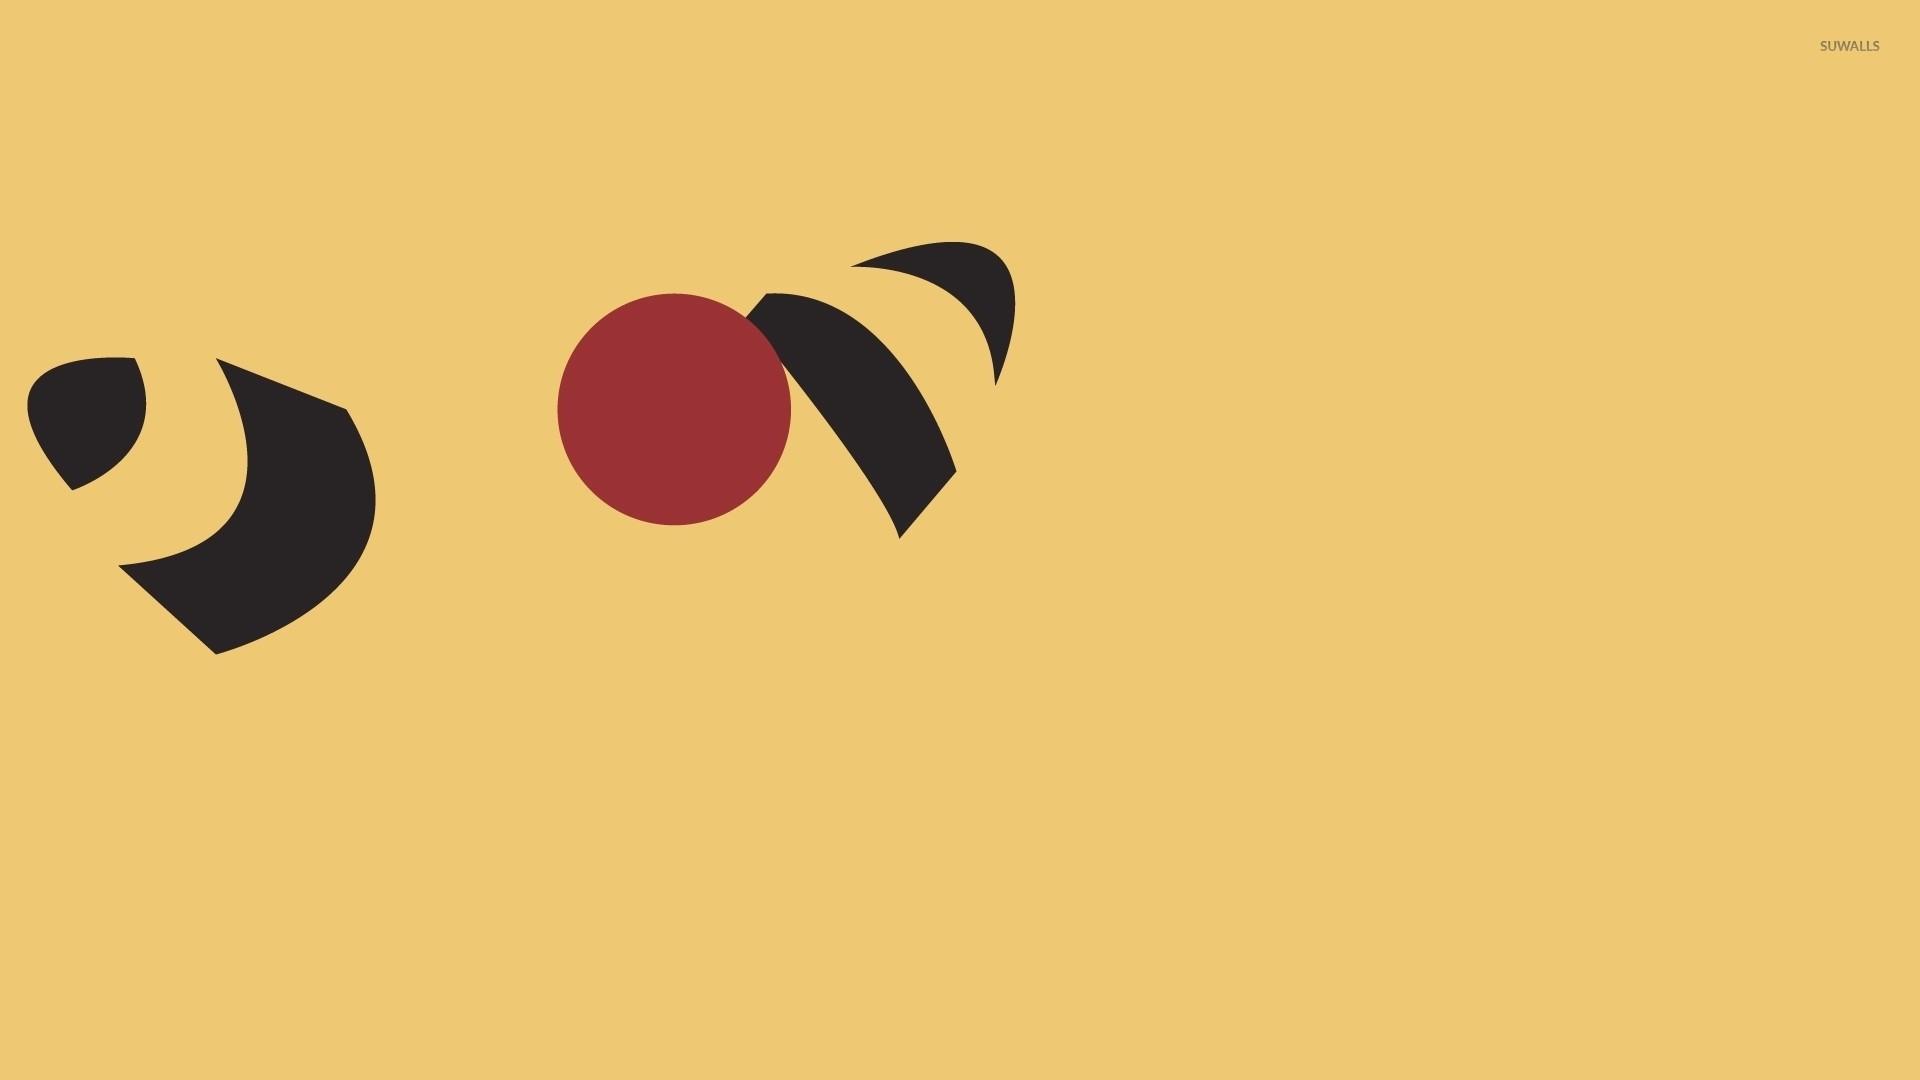 Ampharos – Pokemon wallpaper jpg